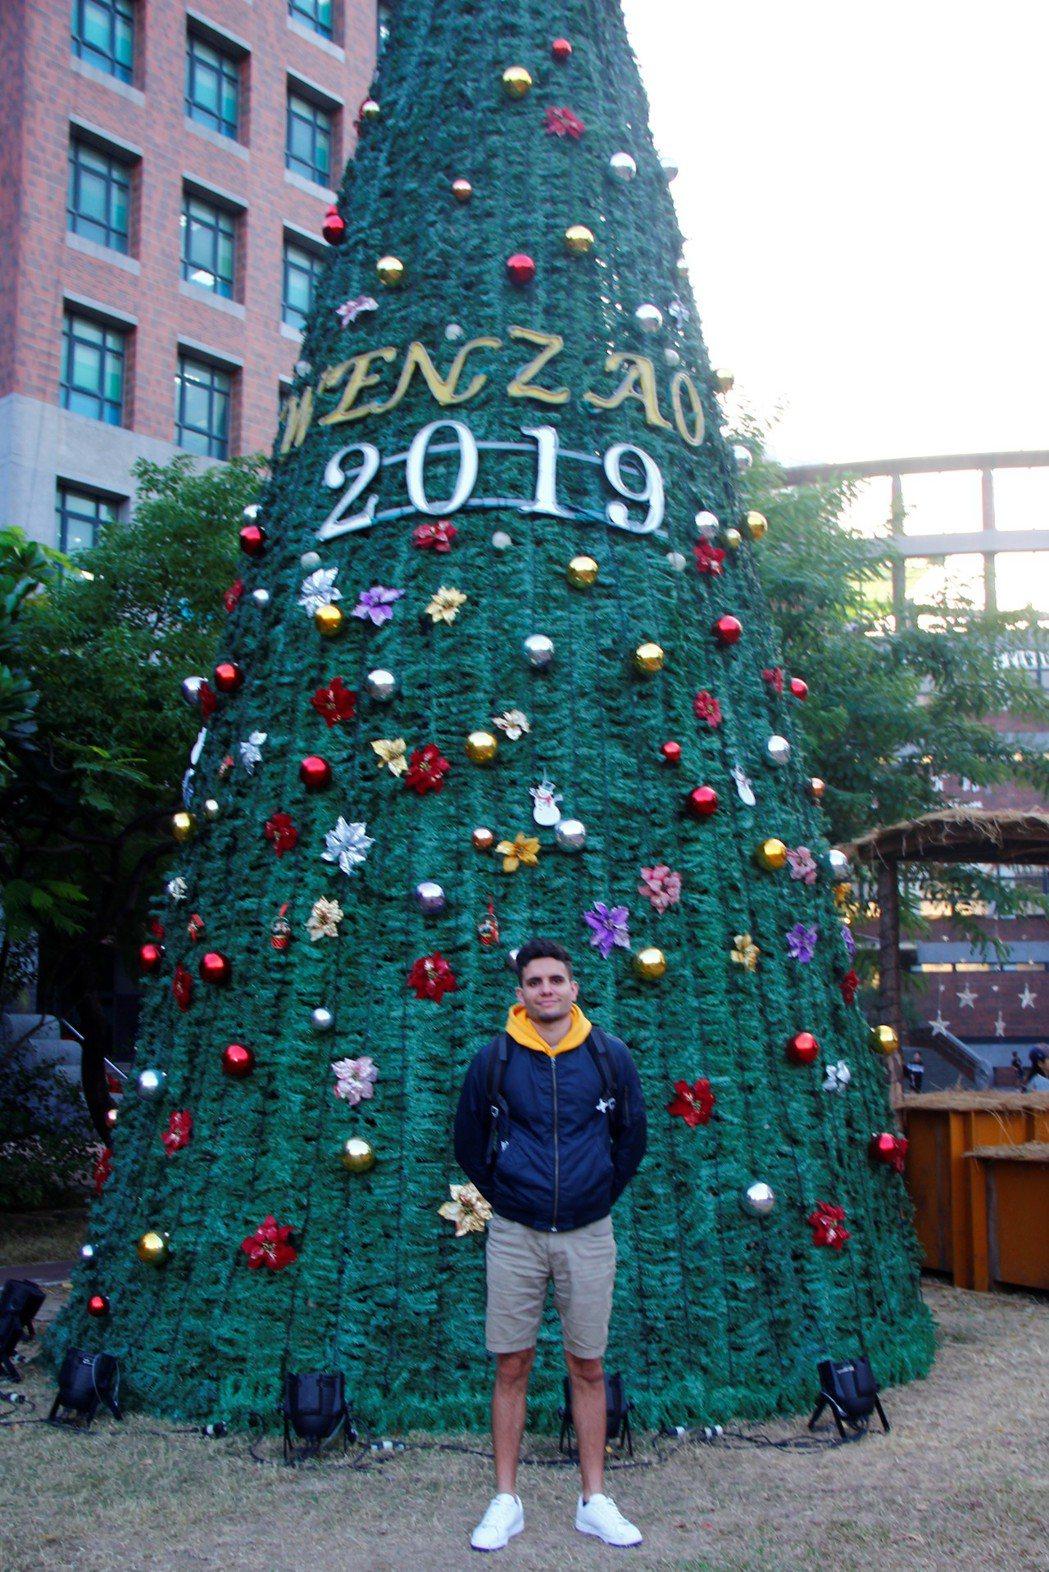 國企系大四學生魯瑞傑分享西班牙家庭的聖誕節的慶祝方式。 文藻外大/提供。